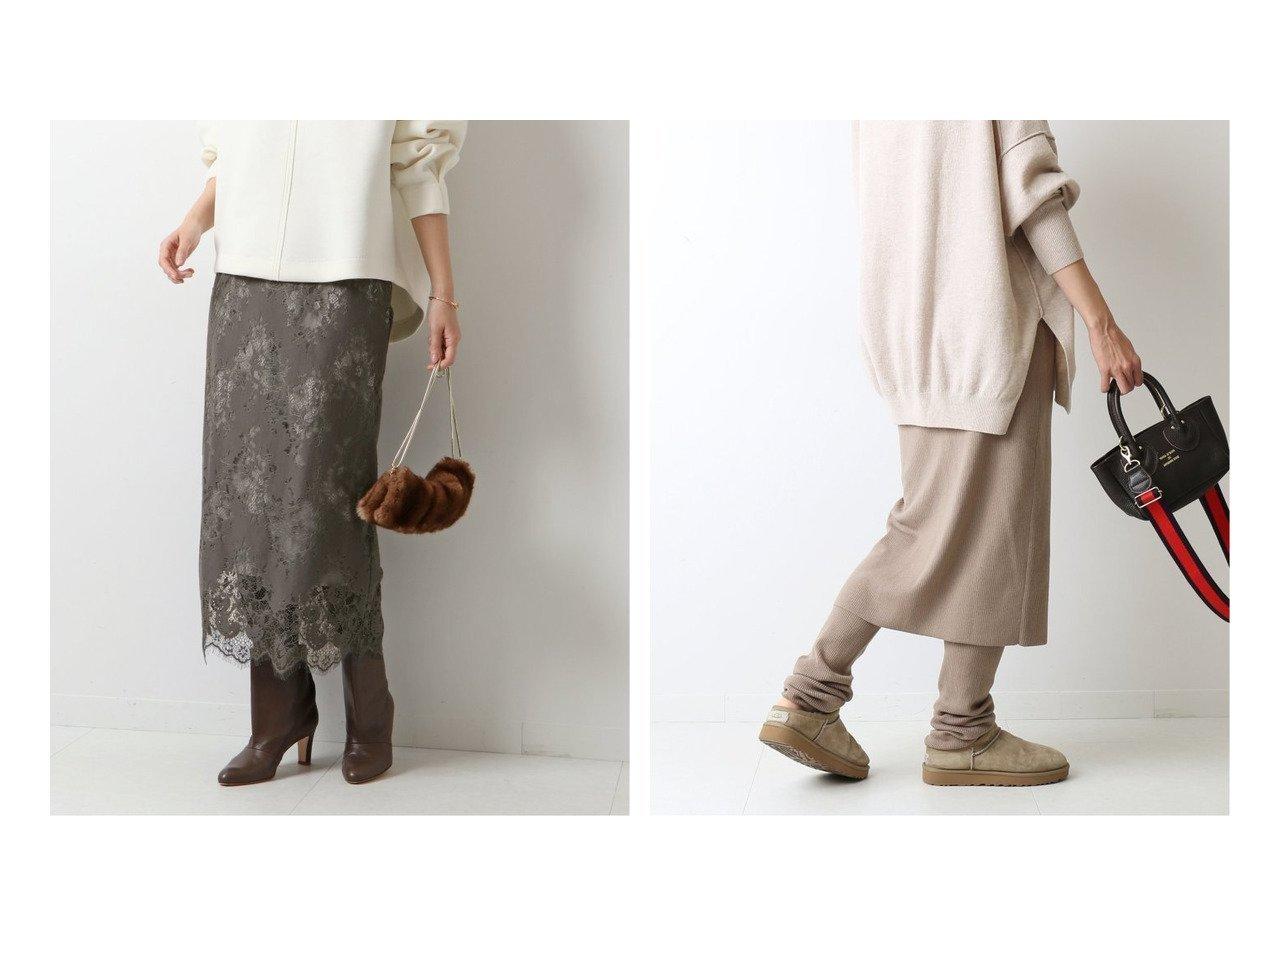 【FRAMeWORK/フレームワーク】のレギンス付きスカート2&【Spick & Span/スピック&スパン】の≪追加≫ラッセルレーススカート8 スカートのおすすめ!人気、レディースファッションの通販 おすすめで人気のファッション通販商品 インテリア・家具・キッズファッション・メンズファッション・レディースファッション・服の通販 founy(ファニー) https://founy.com/ ファッション Fashion レディース WOMEN スカート Skirt Aライン/フレアスカート Flared A-Line Skirts レギンス Leggings A/W 秋冬 Autumn &  Winter ギャザー フレア ラッセル シンプル ボトム レギンス 冬 Winter  ID:crp329100000005306